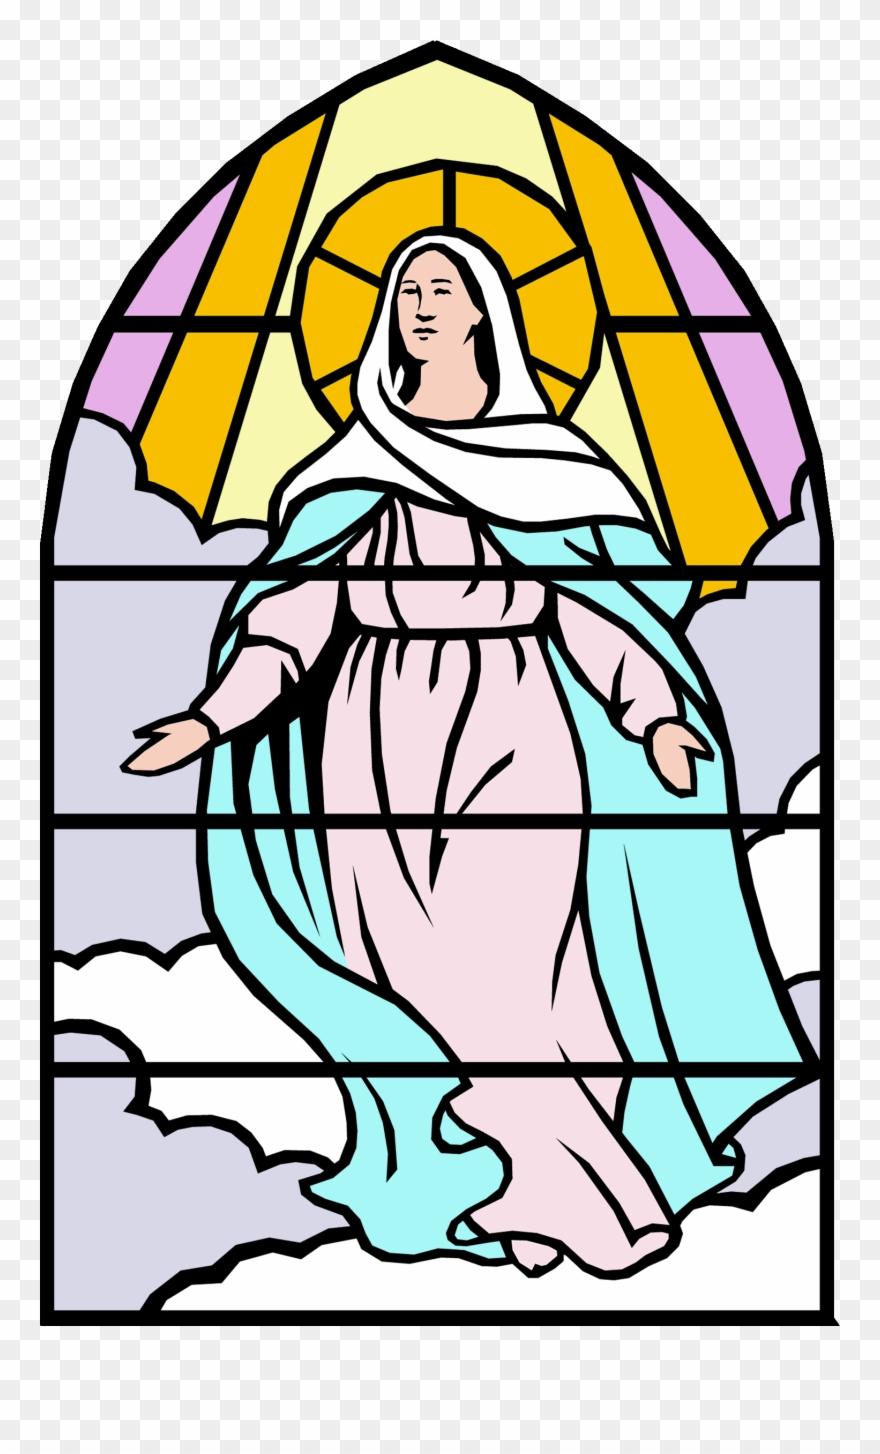 Clip Art Of Mary Catholic Clipart.